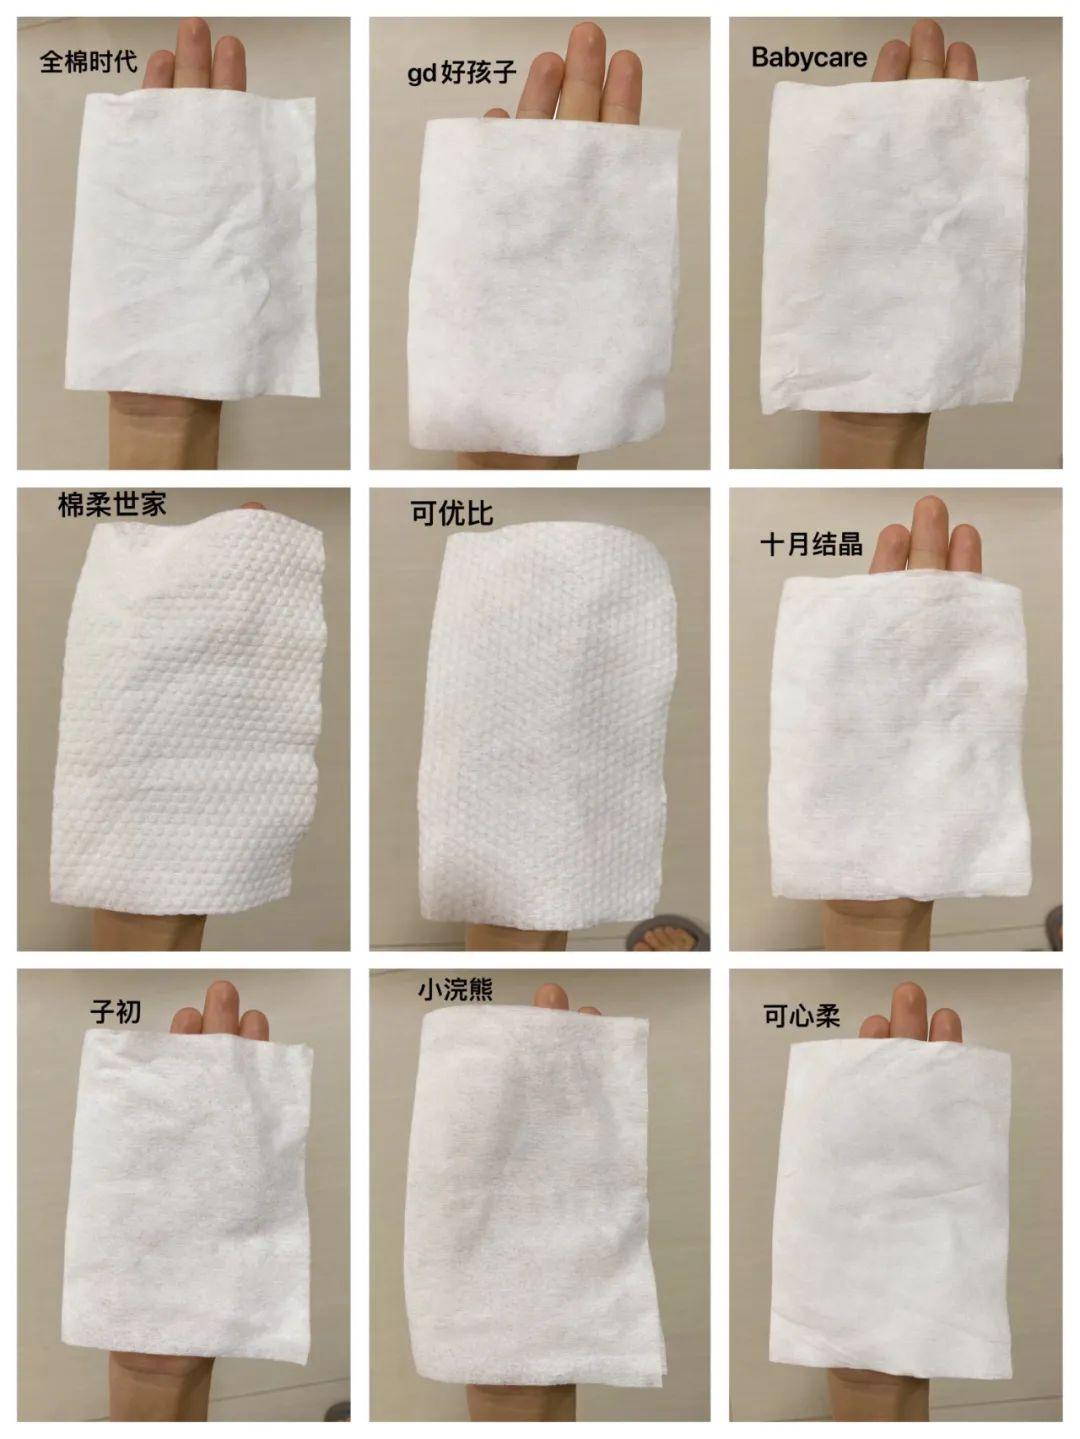 15款宝宝棉柔巾评测:这几款吸水性表现较差